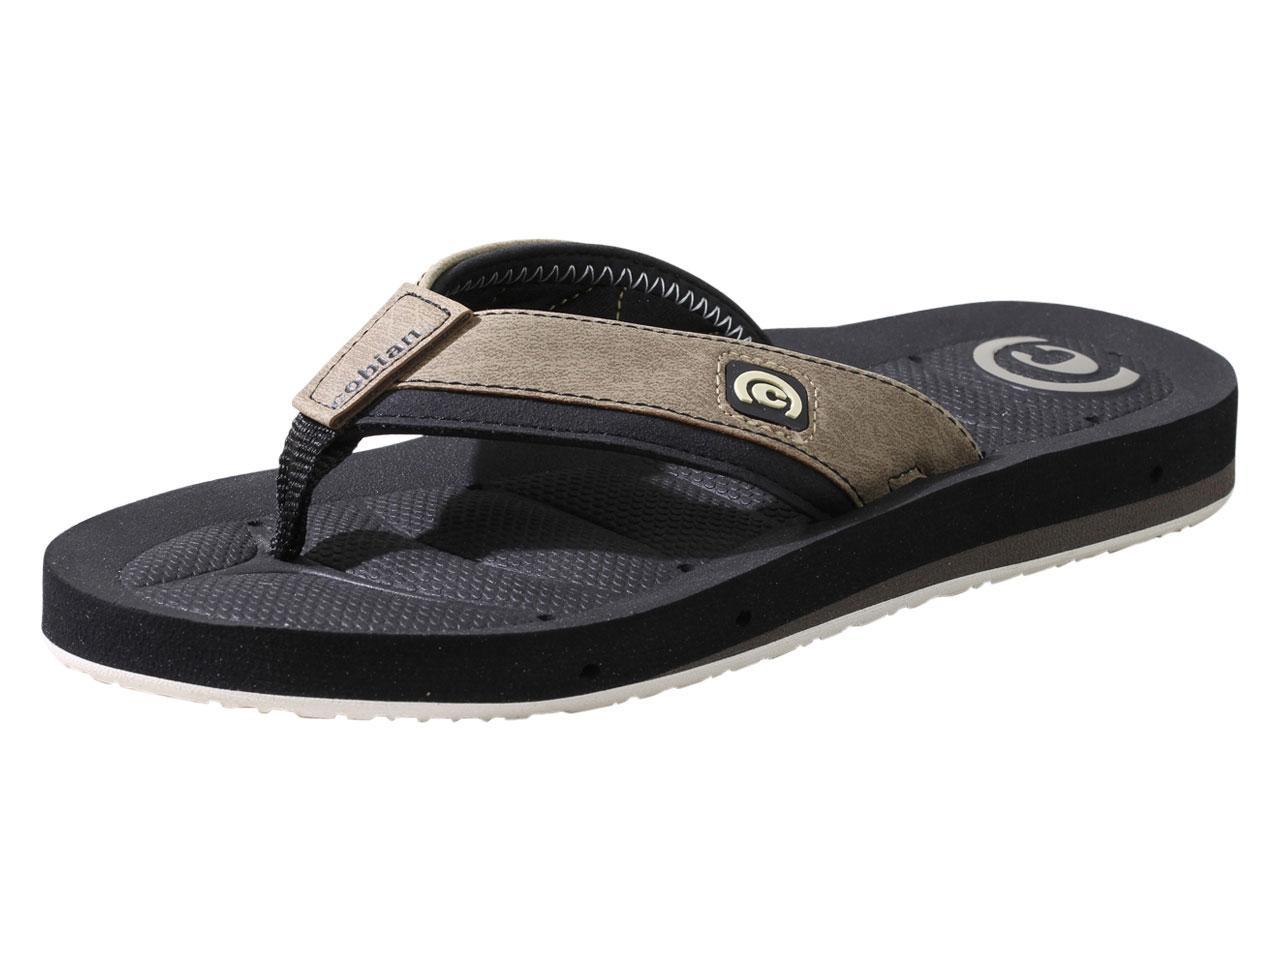 Image of Cobian Men's Draino II Flip Flops Sandals Shoes - Cement - 10 D(M) US